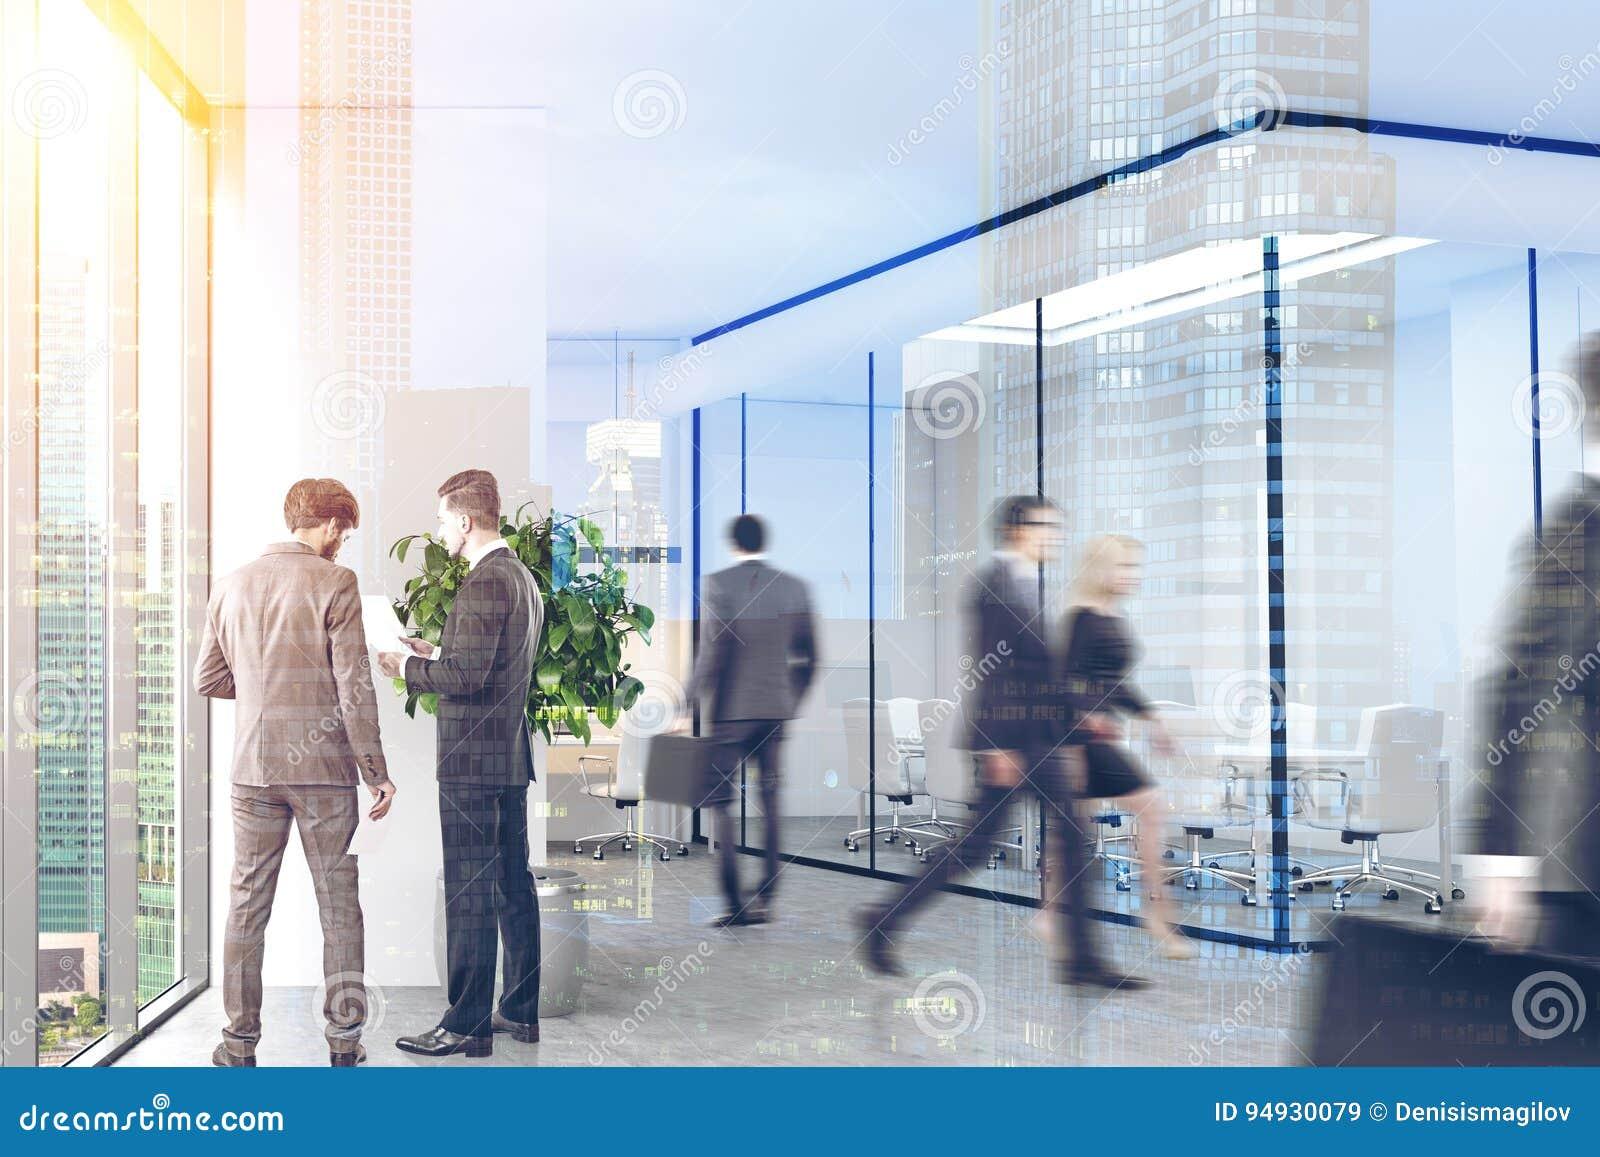 Företagsanställda är gå och tala i ett modernt kontor med vit och glasväggar, betonggolvet och panorama- fönster